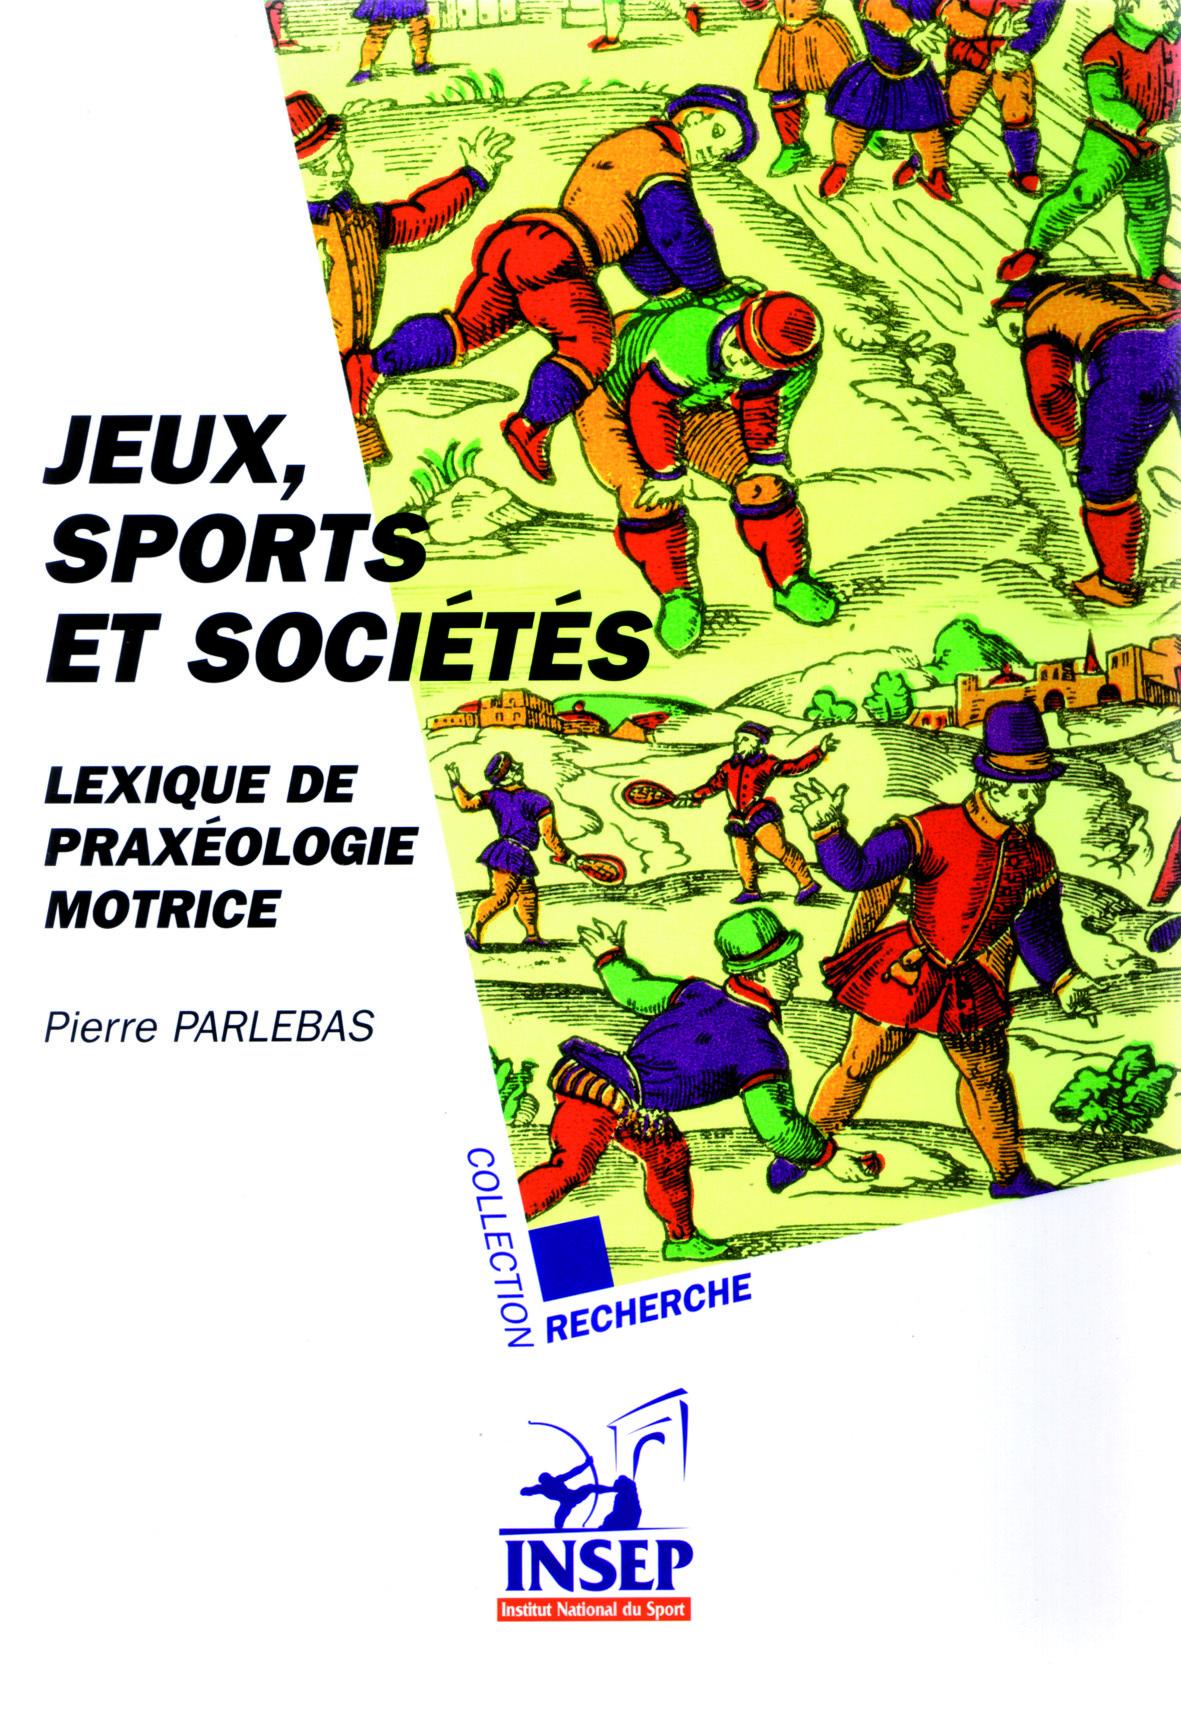 JEUX, SPORTS ET SOCIETES LEXIQUE DE PRAXEOLOGIE MOTRICE